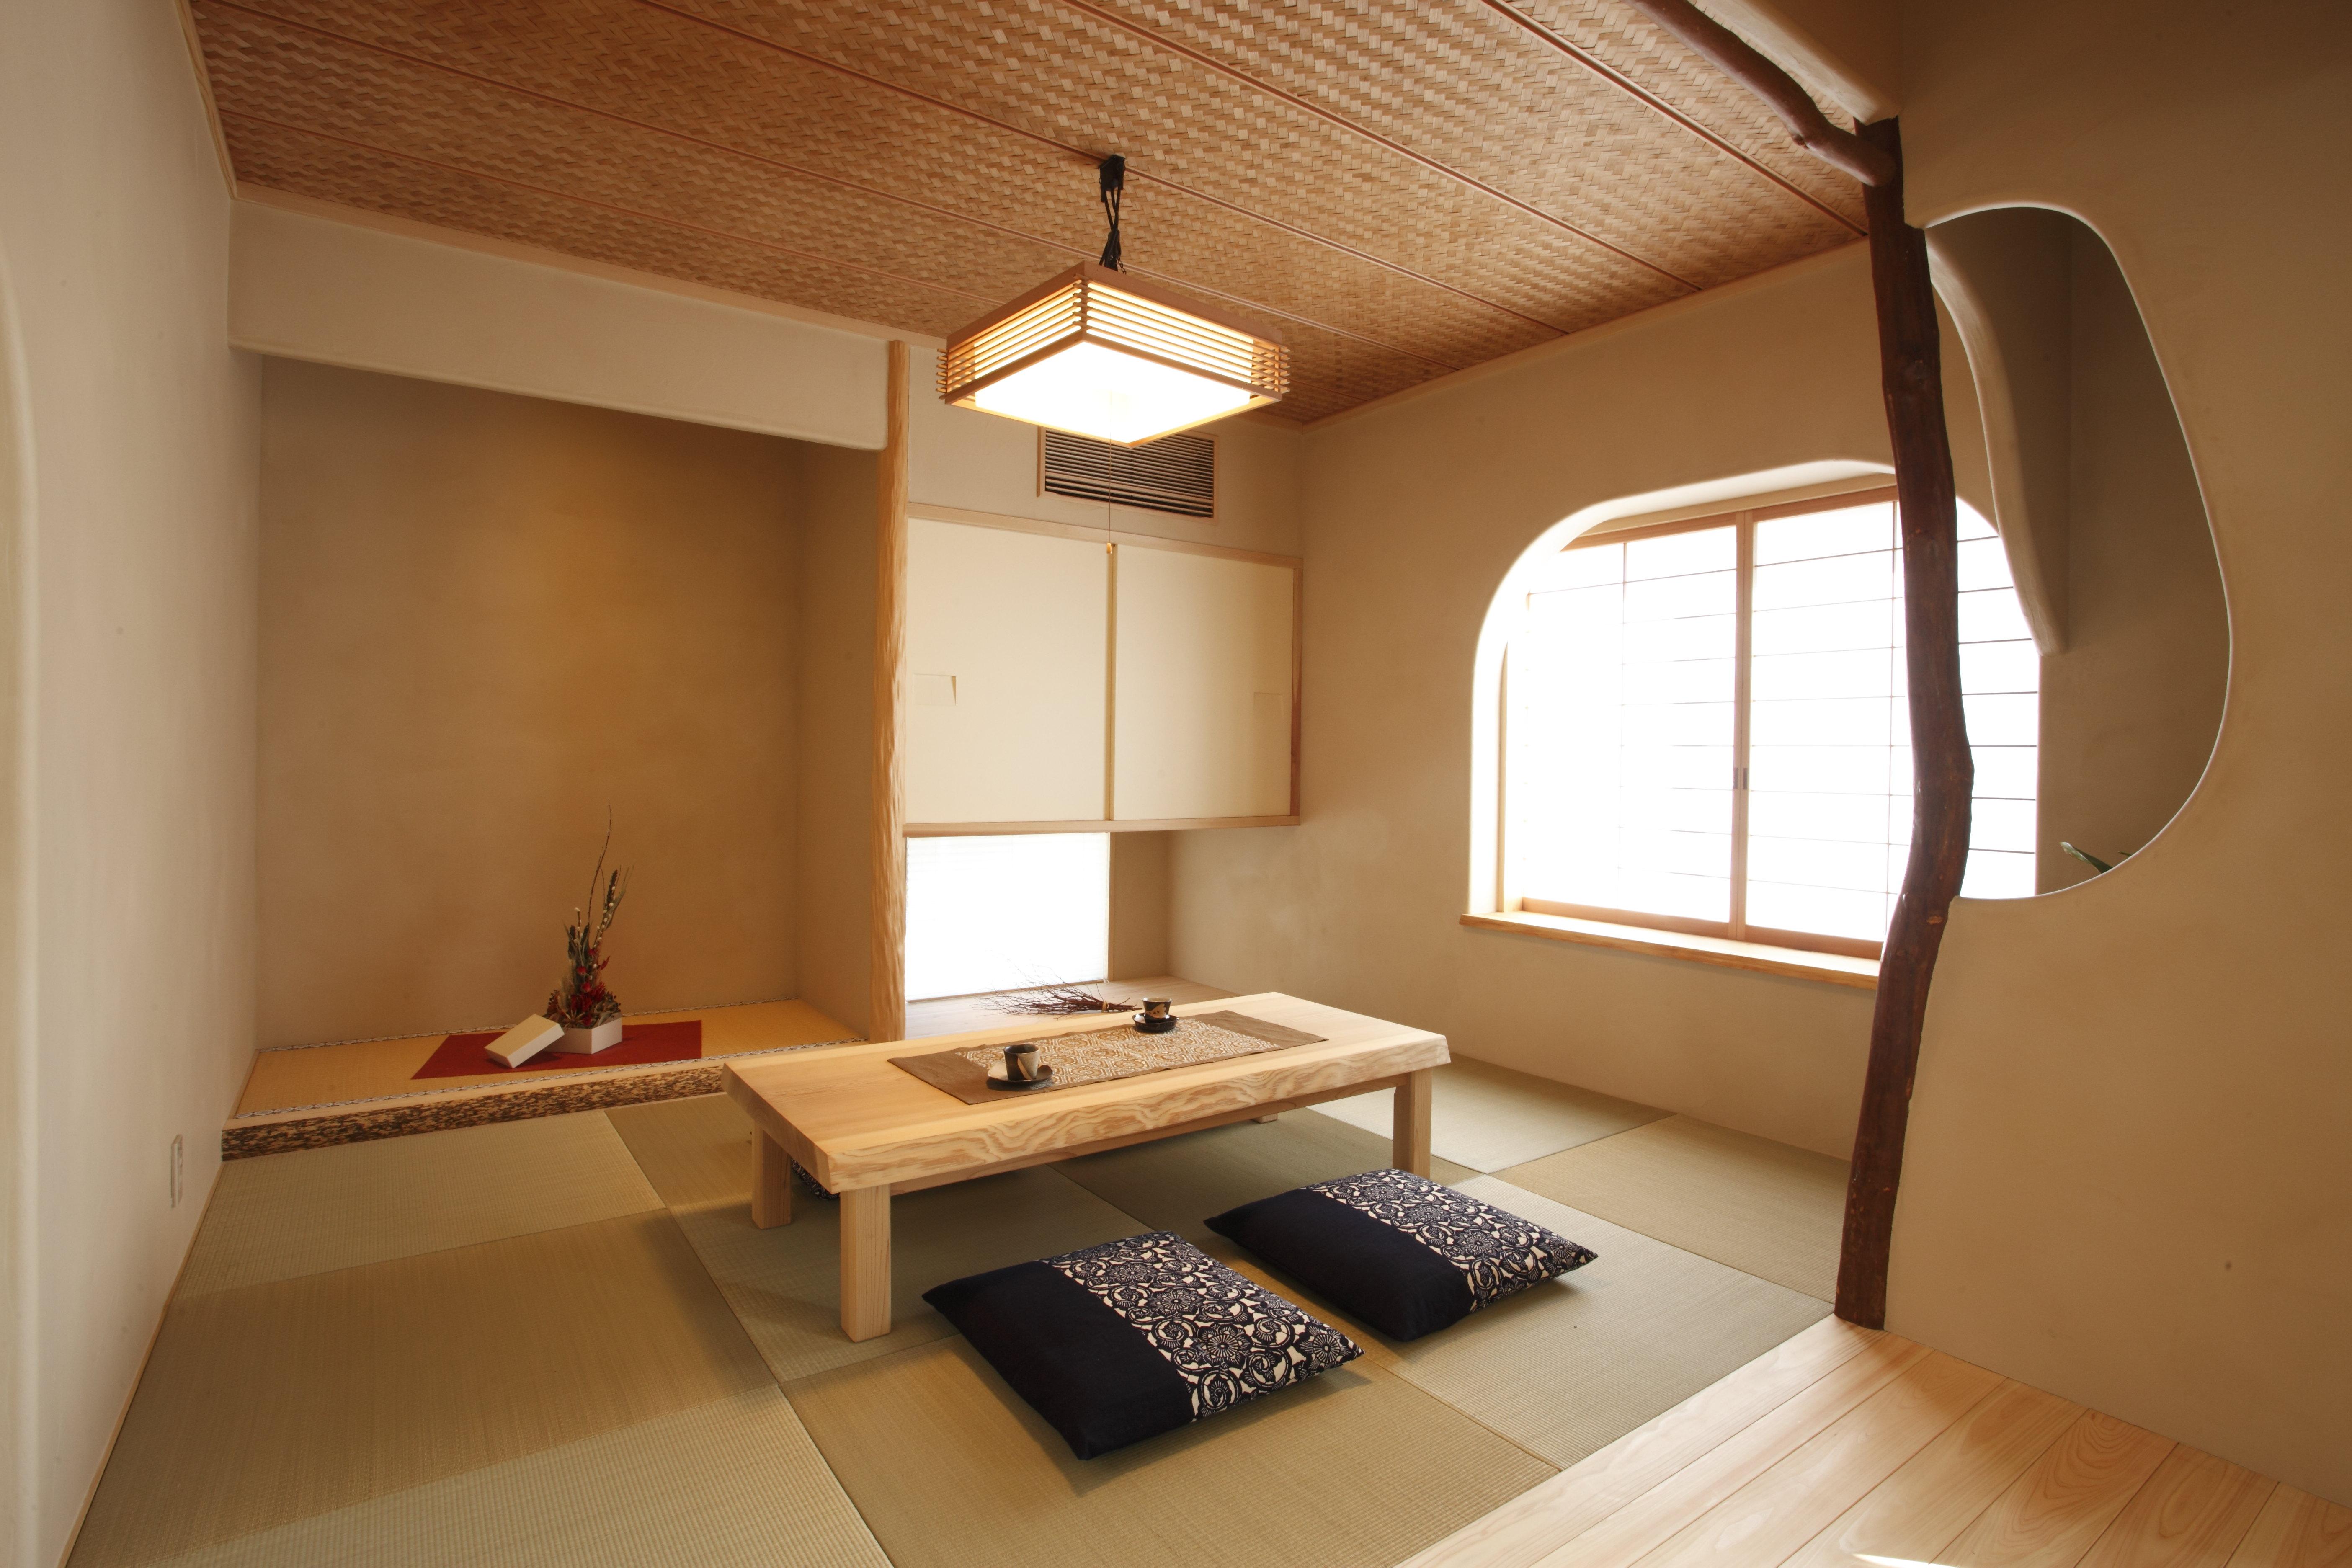 モダンながら落ち着く和室。塗り壁の柔らかなカーブが優しく感じられます。